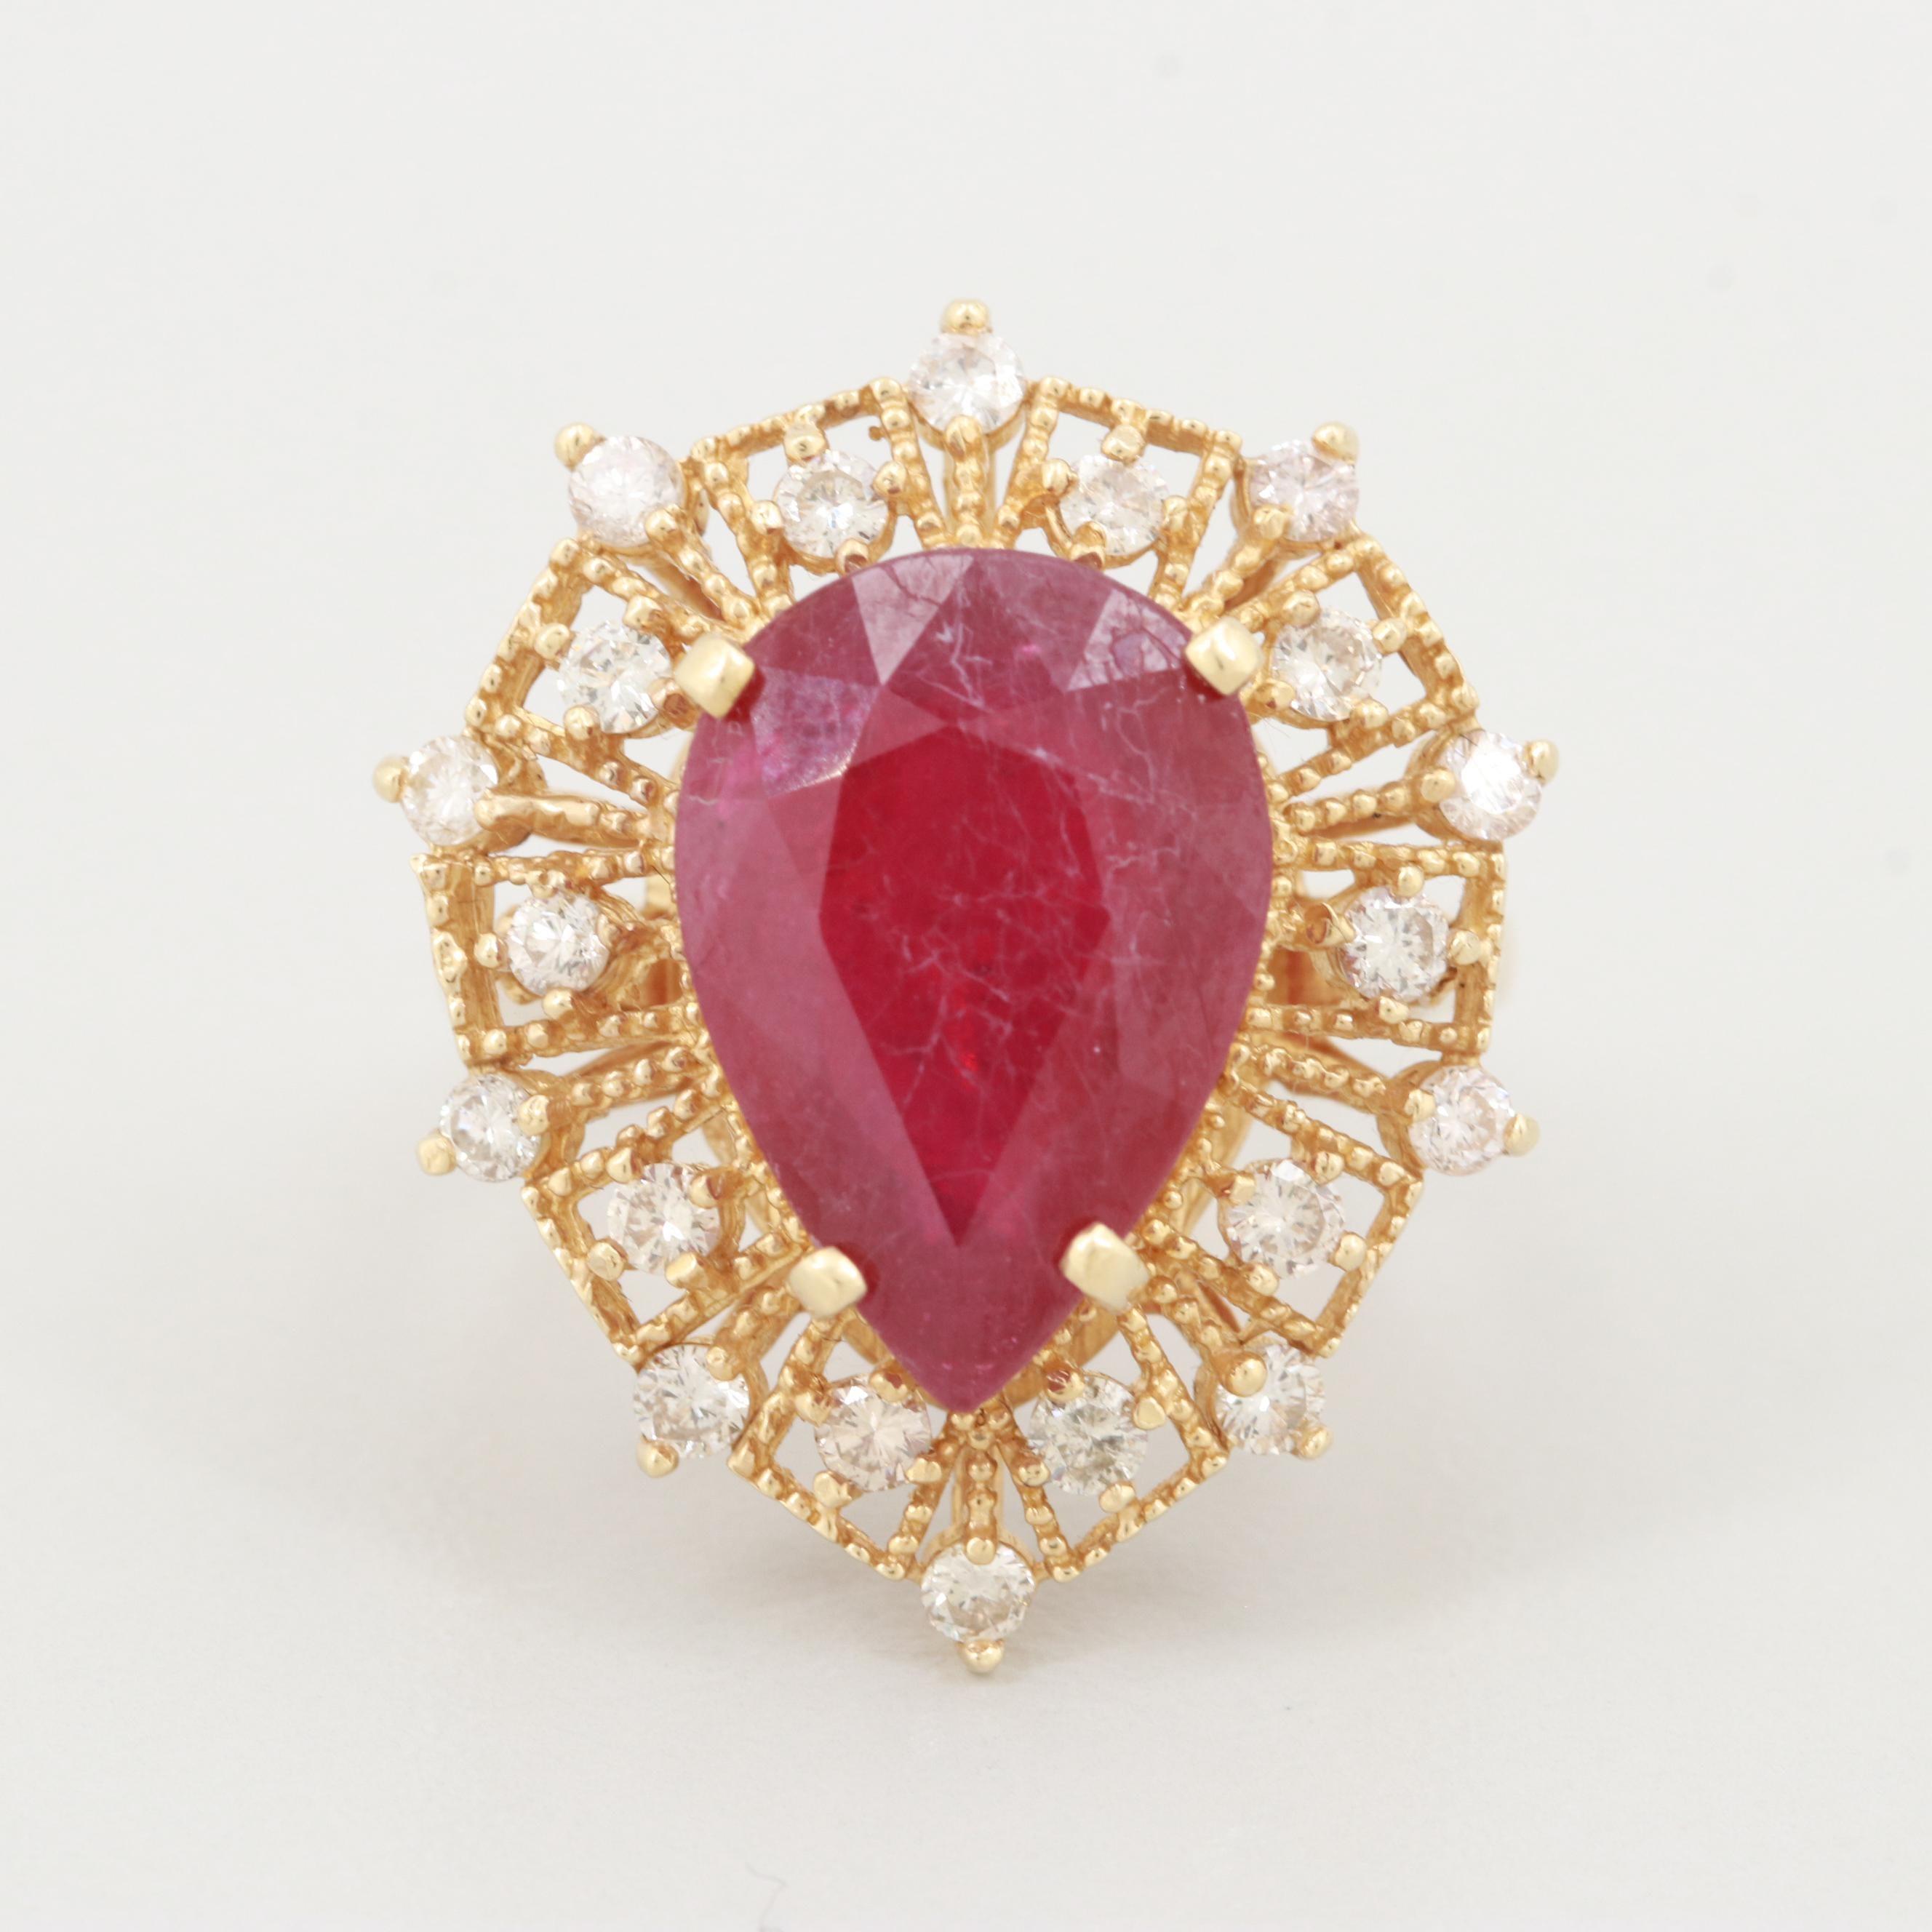 14K Yellow Gold Glass Filled Corundum and Diamond Ring